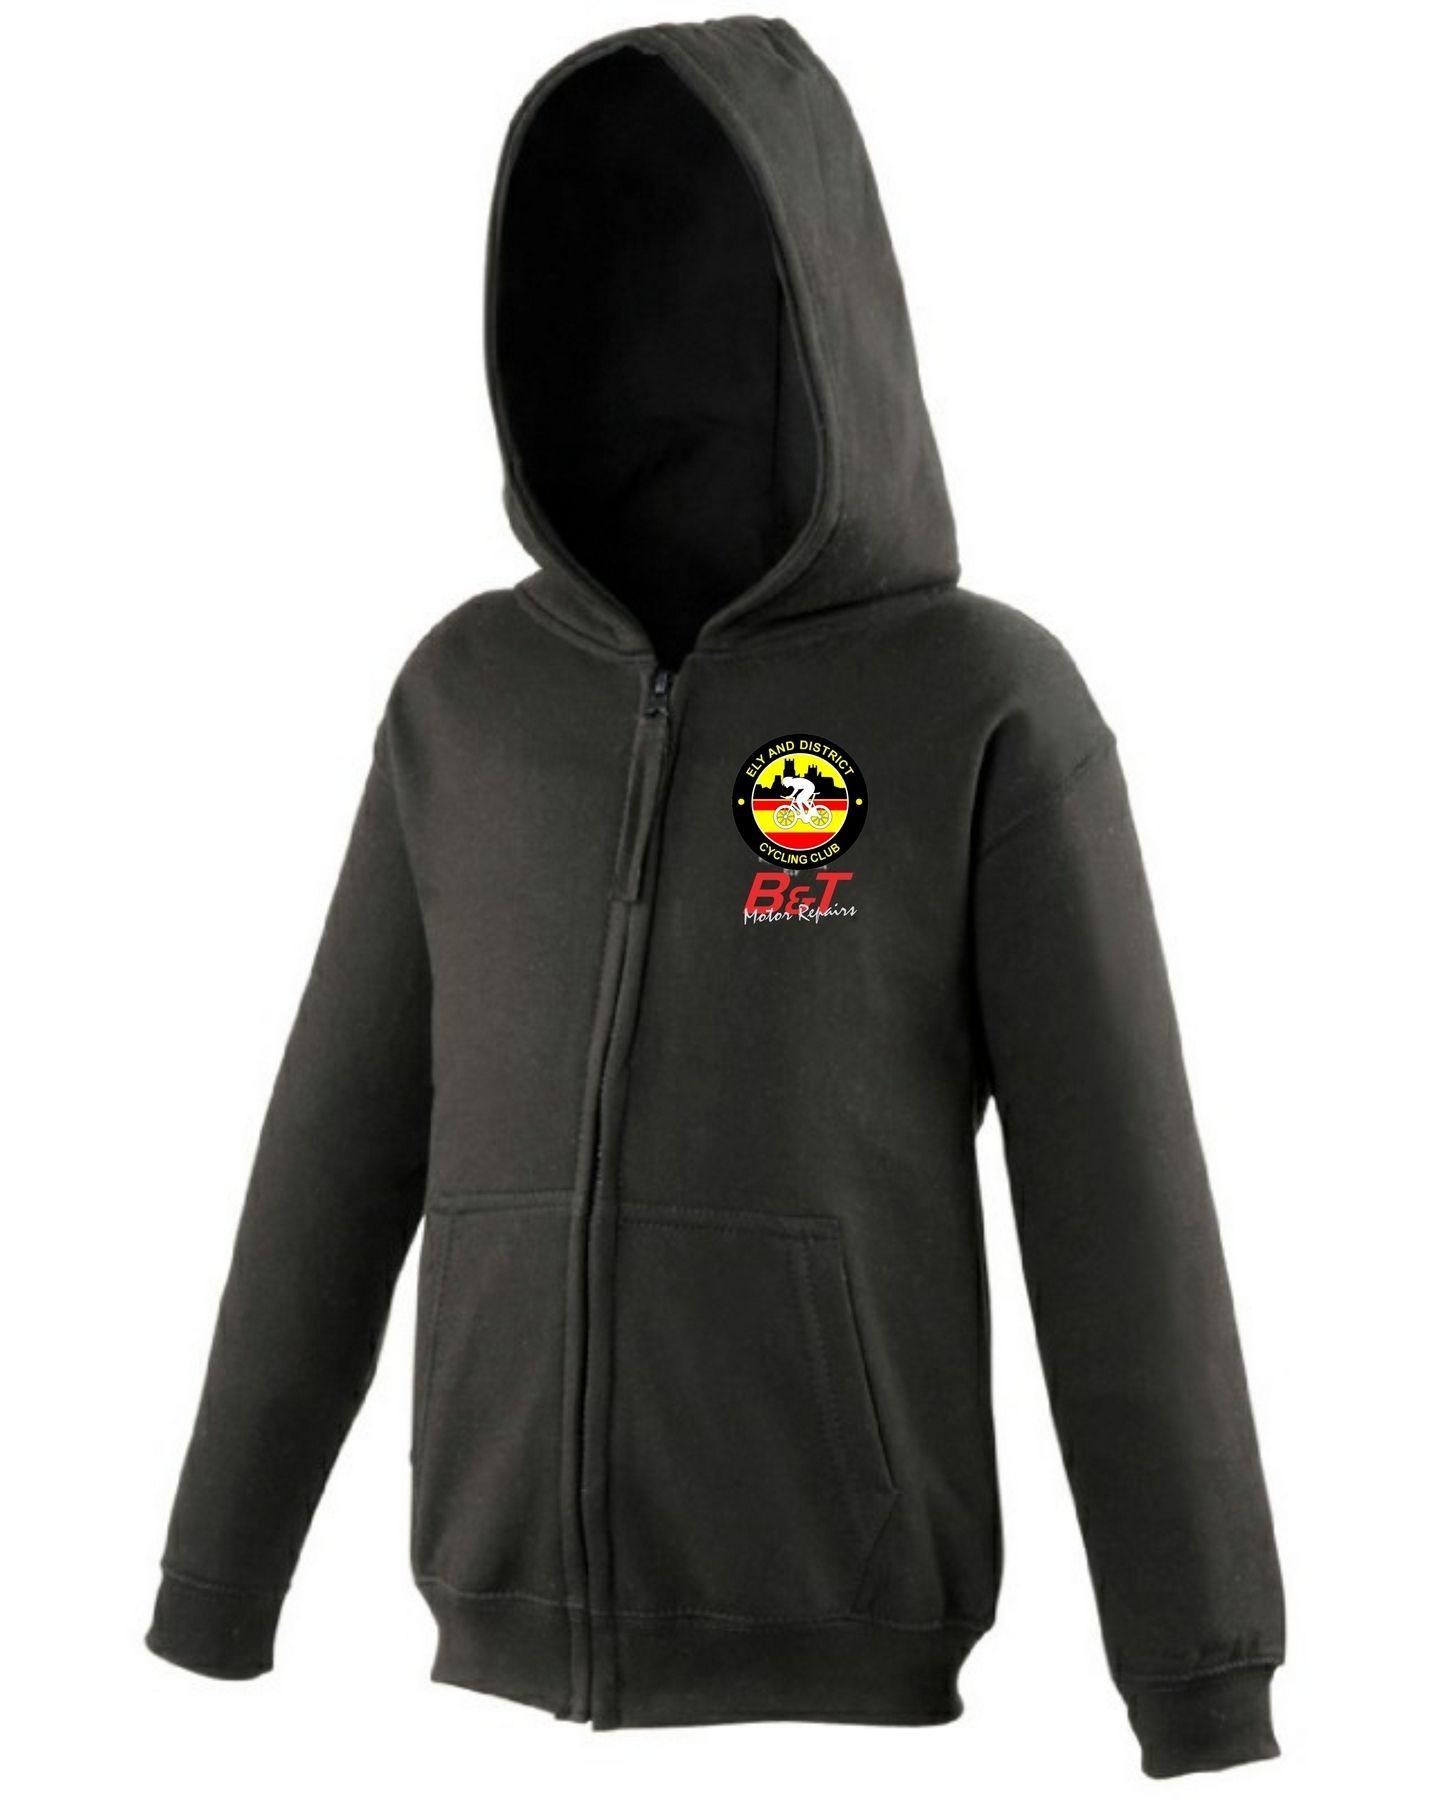 EDCC – Kids Zip Hoodie in Black